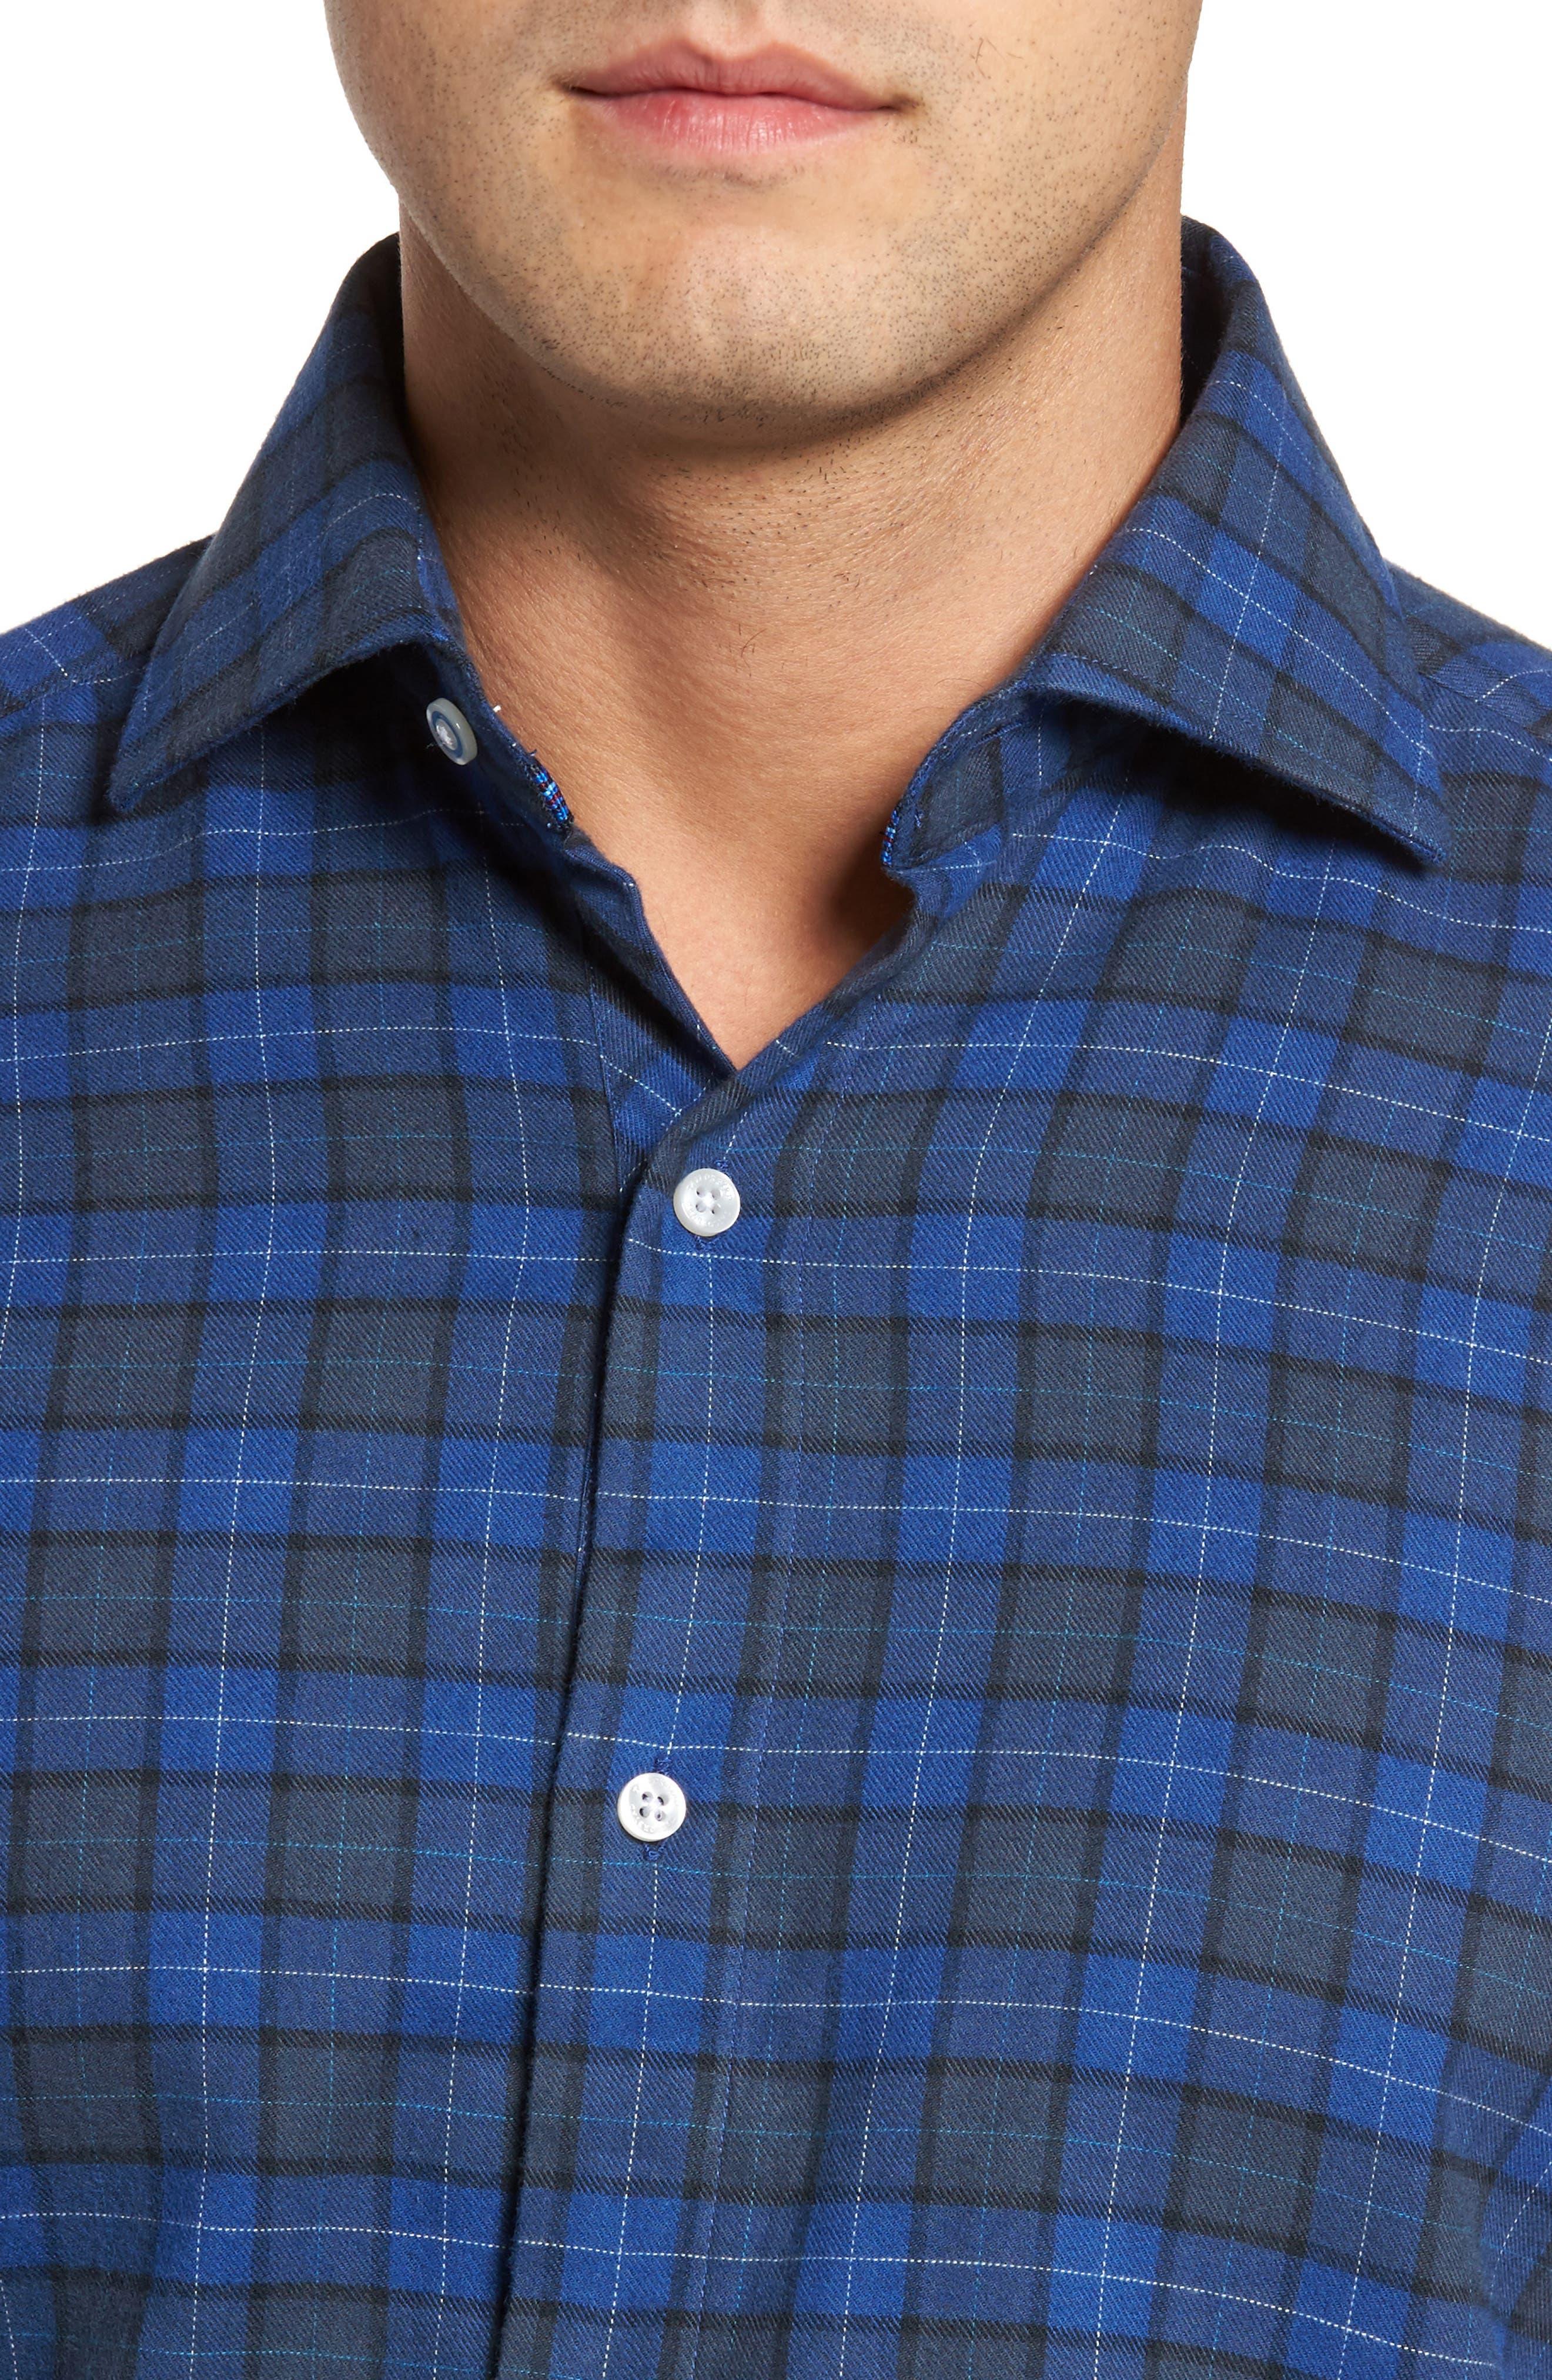 Cankton Plaid Sport Shirt,                             Alternate thumbnail 4, color,                             400